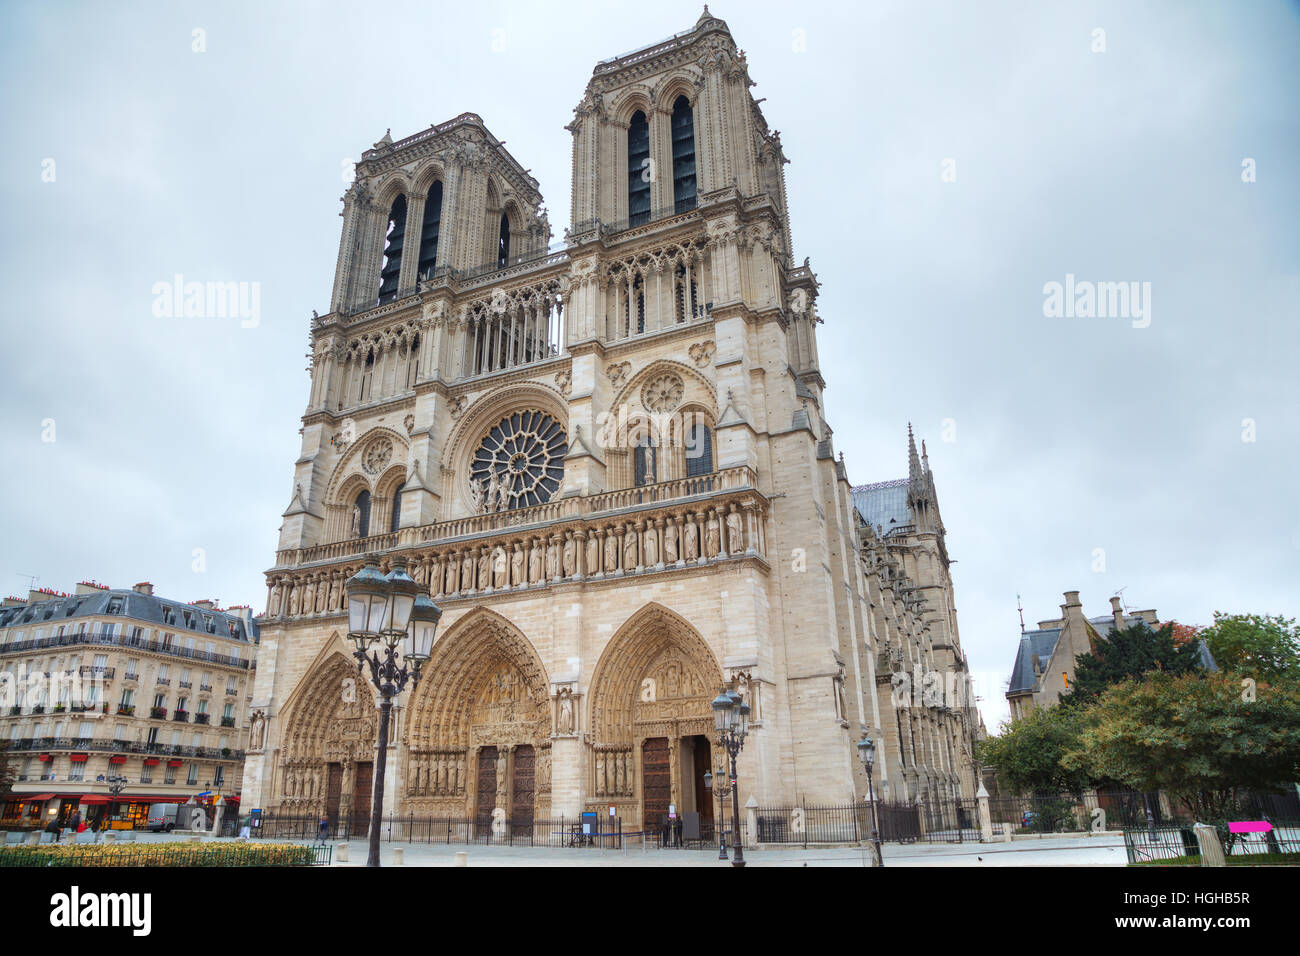 Notre Dame de Paris cathedral in Paris, France - Stock Image